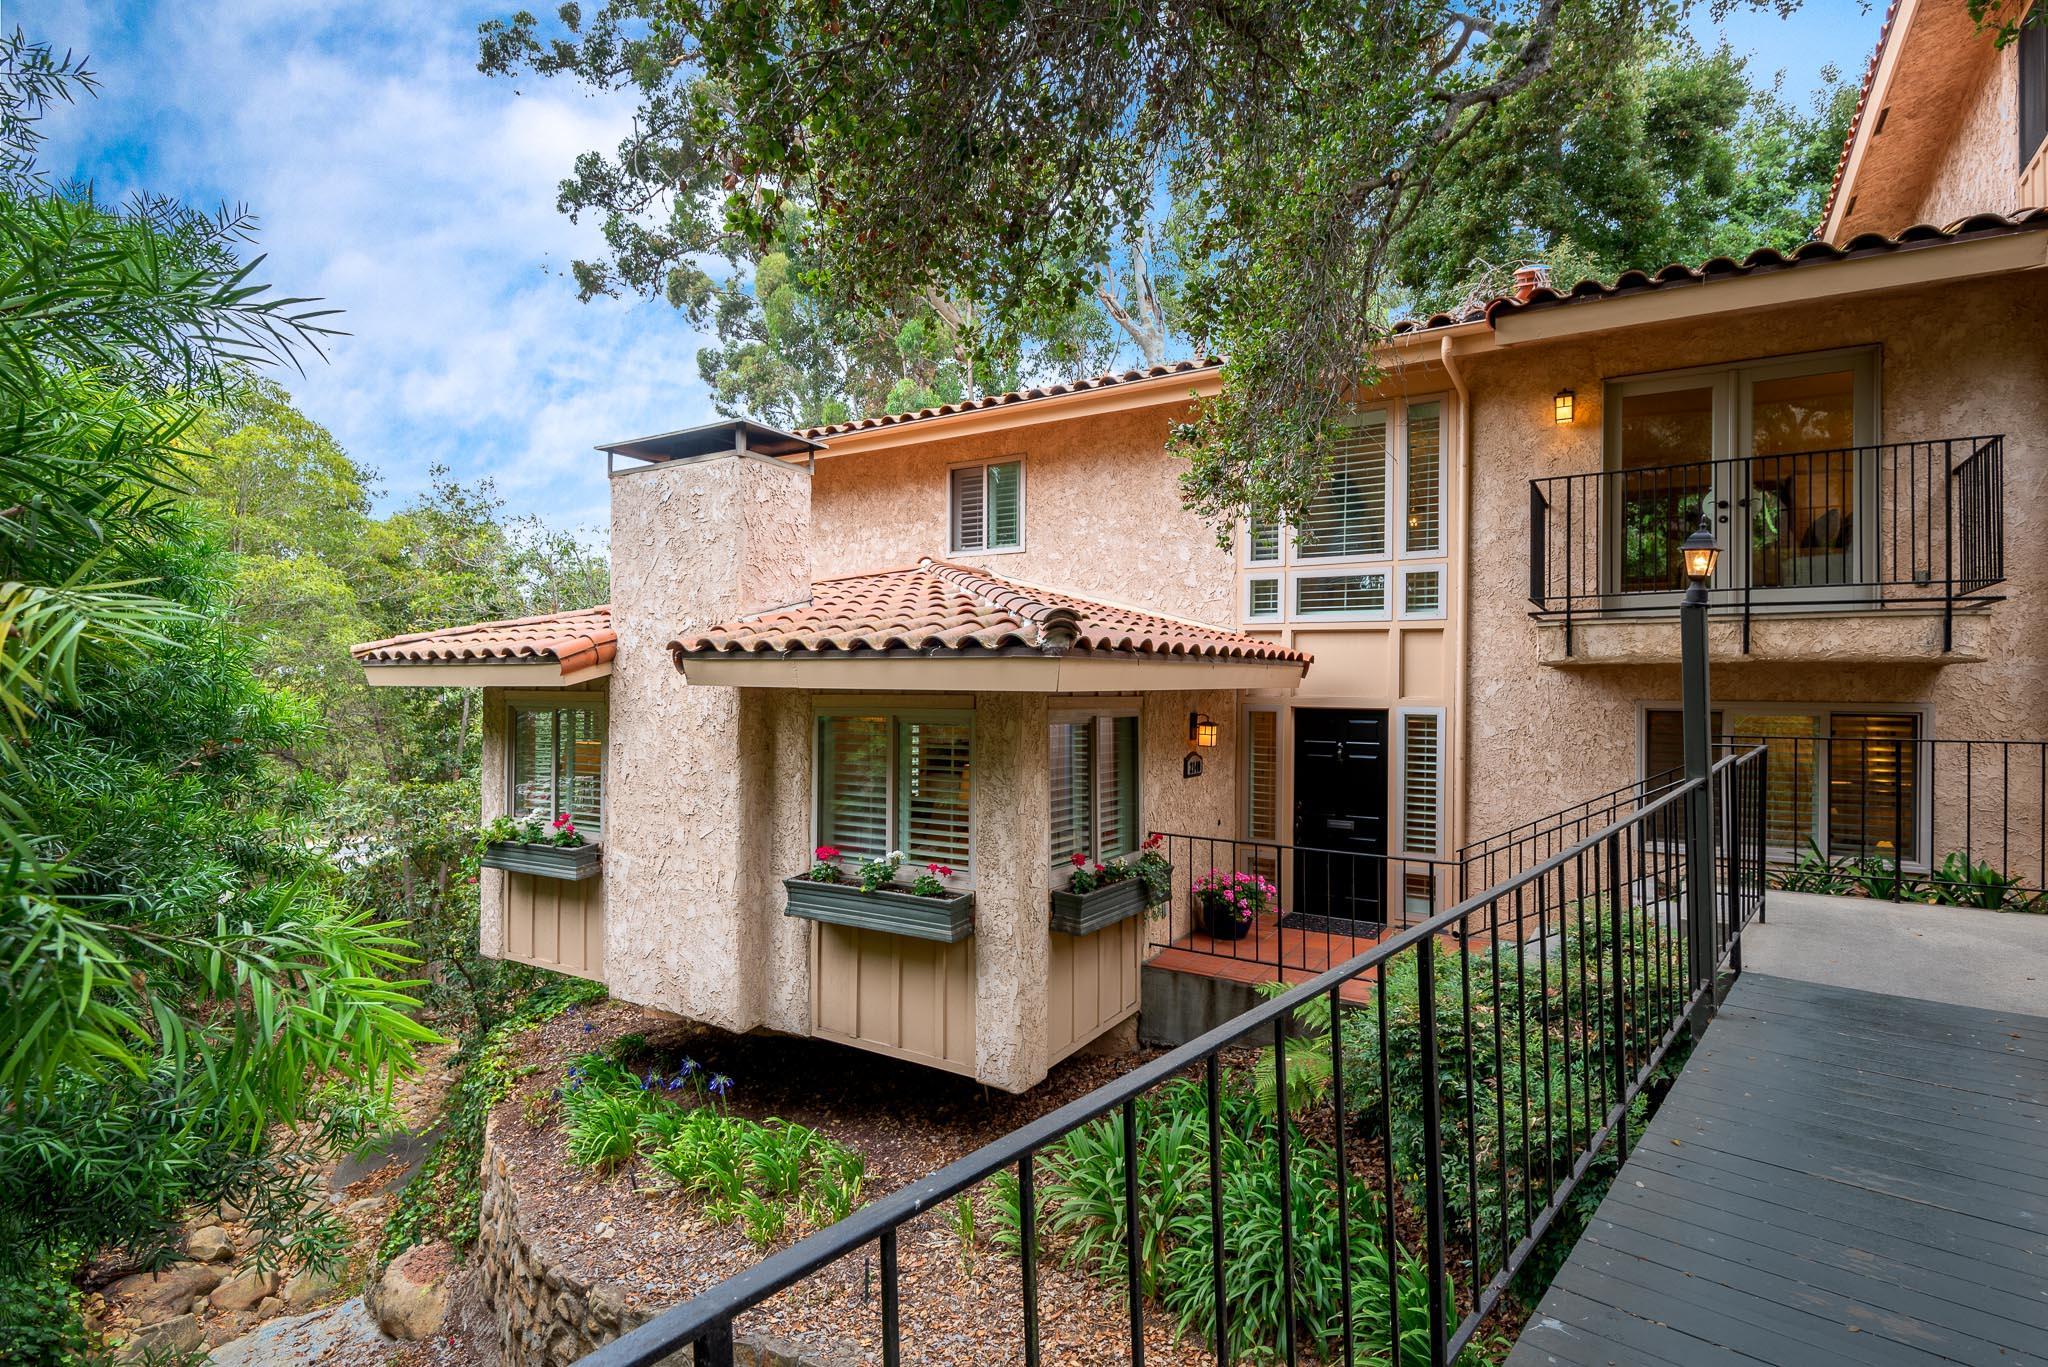 Property photo for 2140 Alameda Padre Serra Santa Barbara, California 93103 - 18-3258